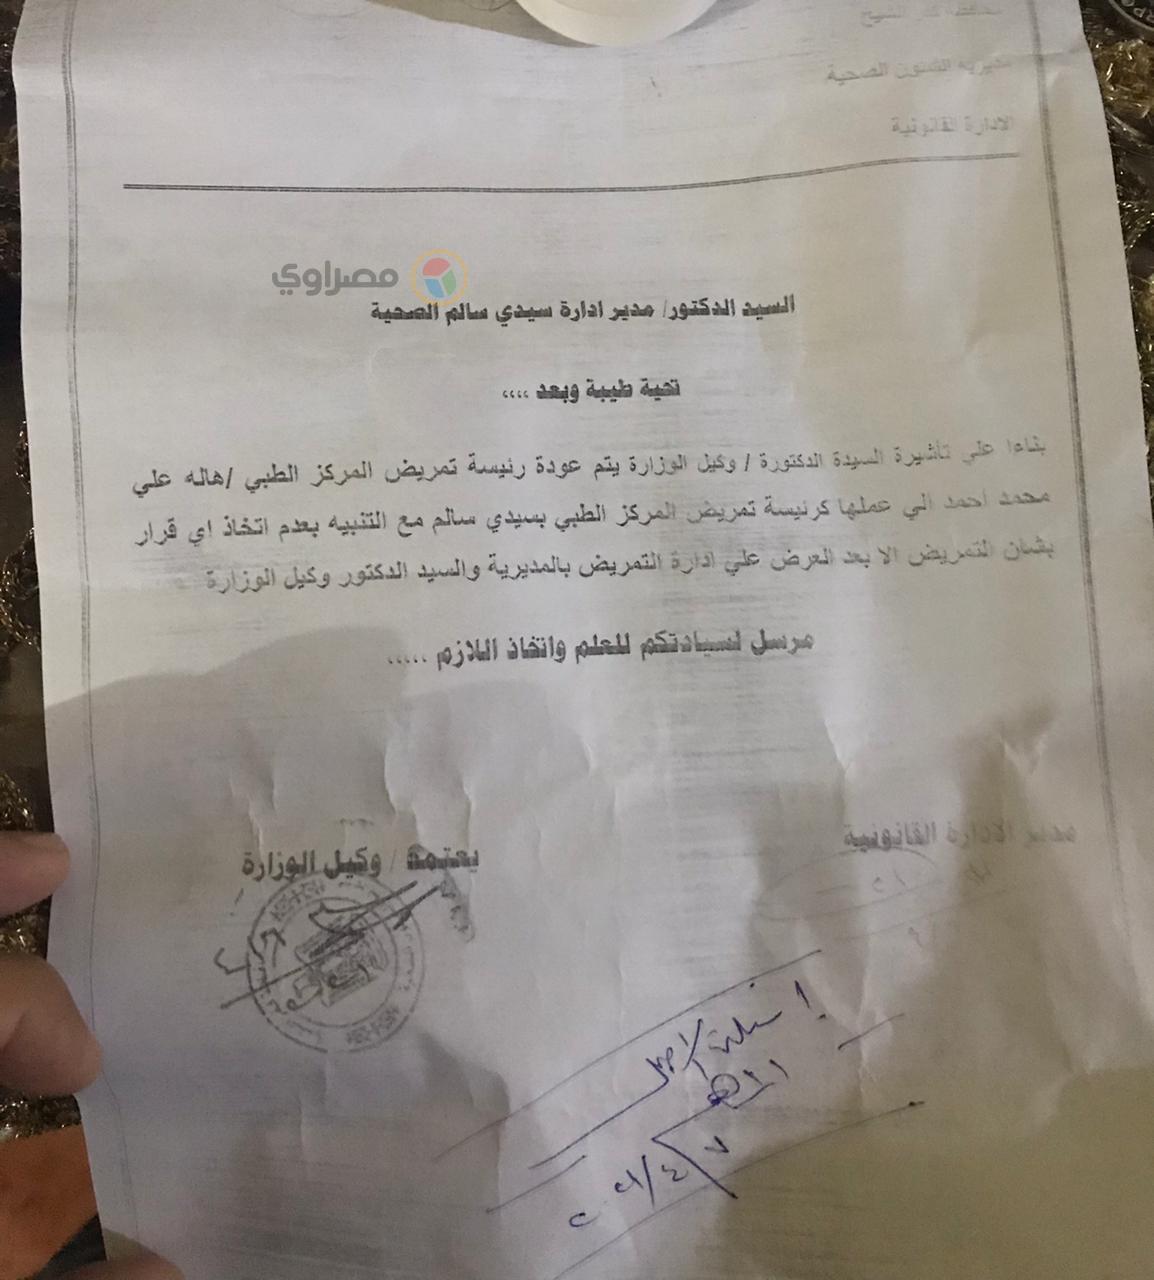 صورة من قرار عودة رئيسة تمريض الادارة الصحية بسيدي سالم